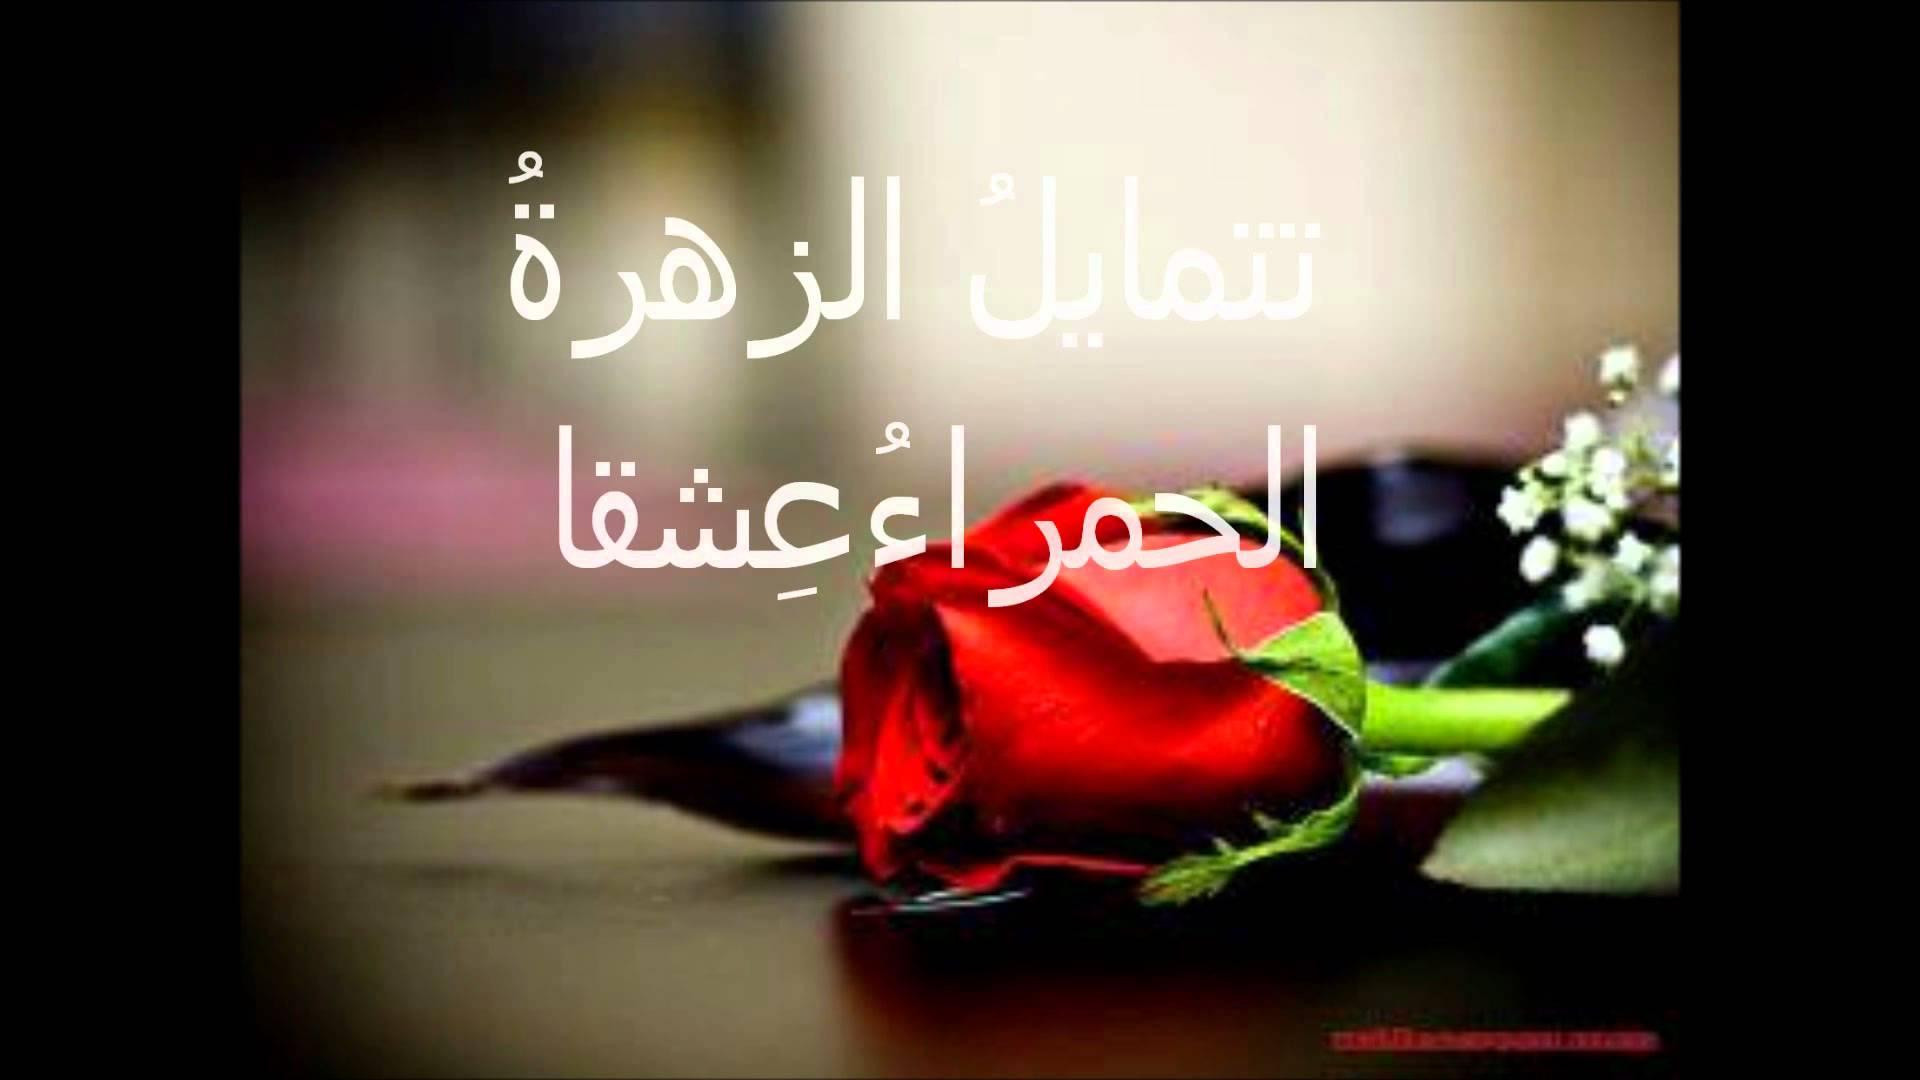 نتيجة بحث الصور عن كلمات عن الورد